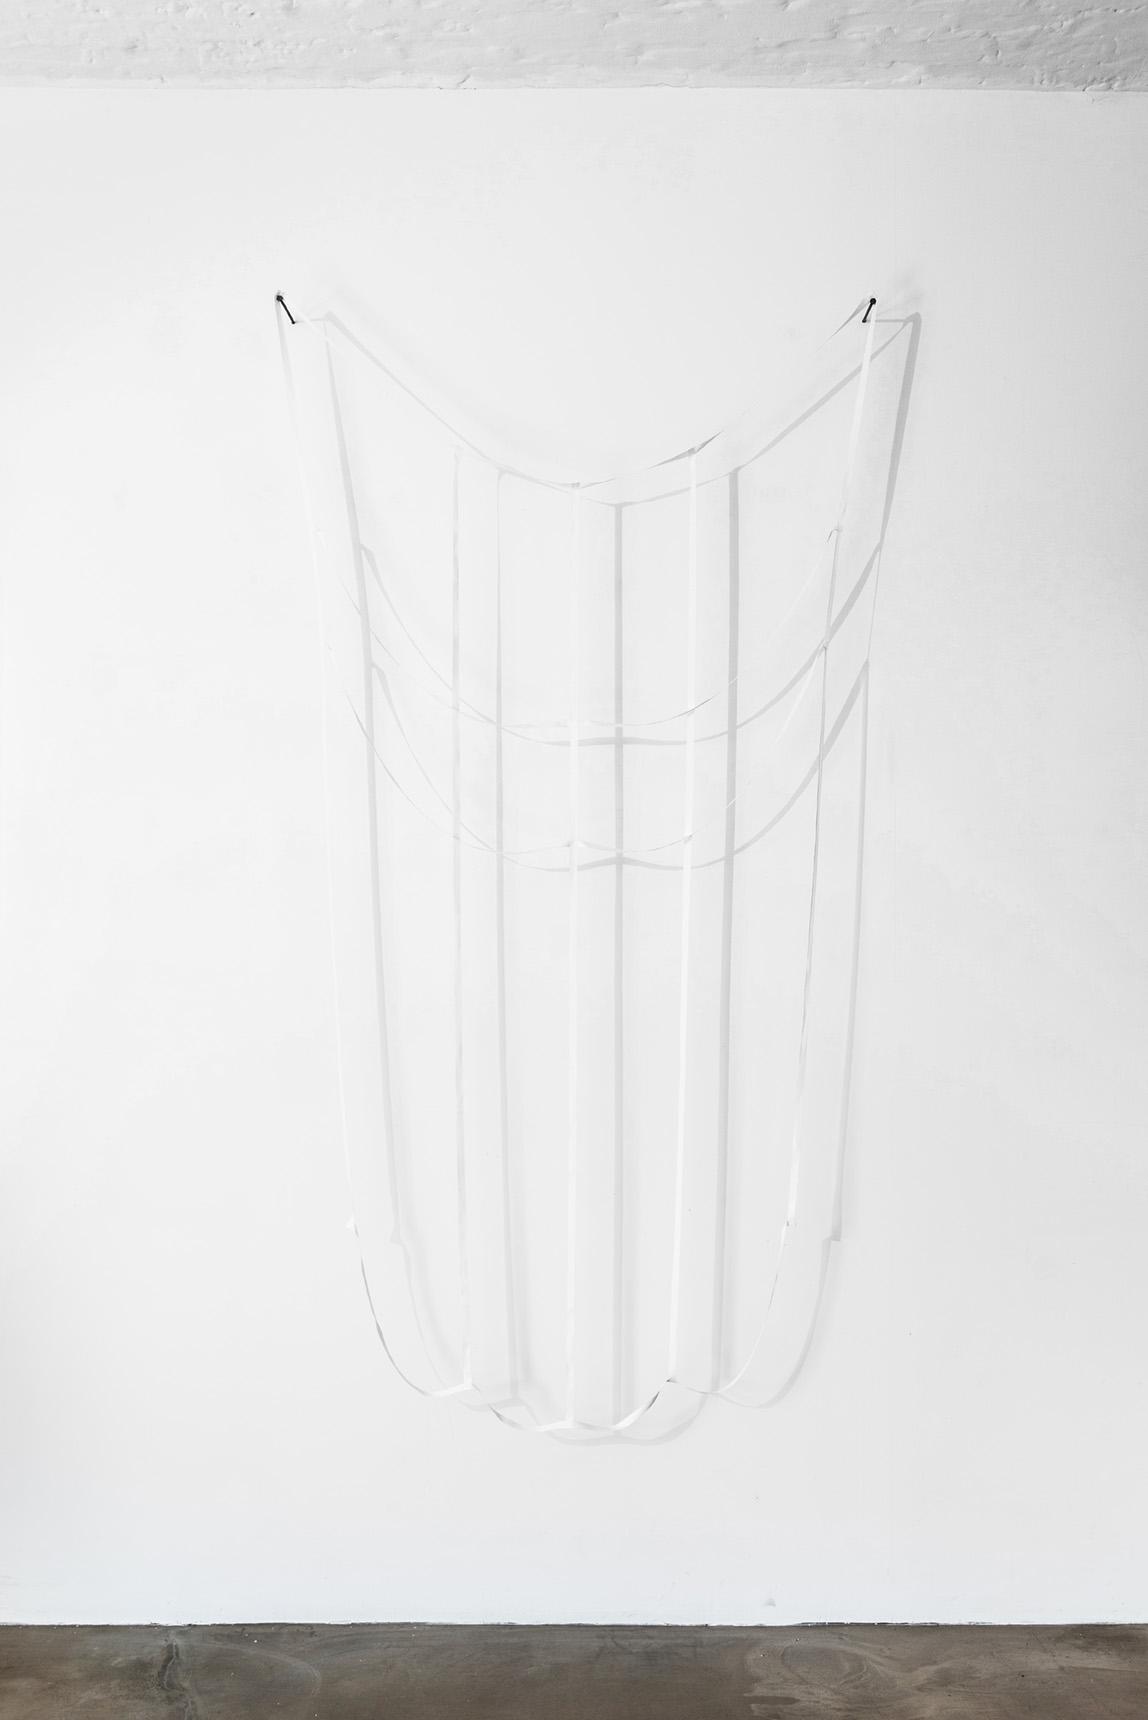 Ulrich Vogl   window to go 3 (white) – 2016, Stoff, Faden, Nägel, 245 x 125 cm